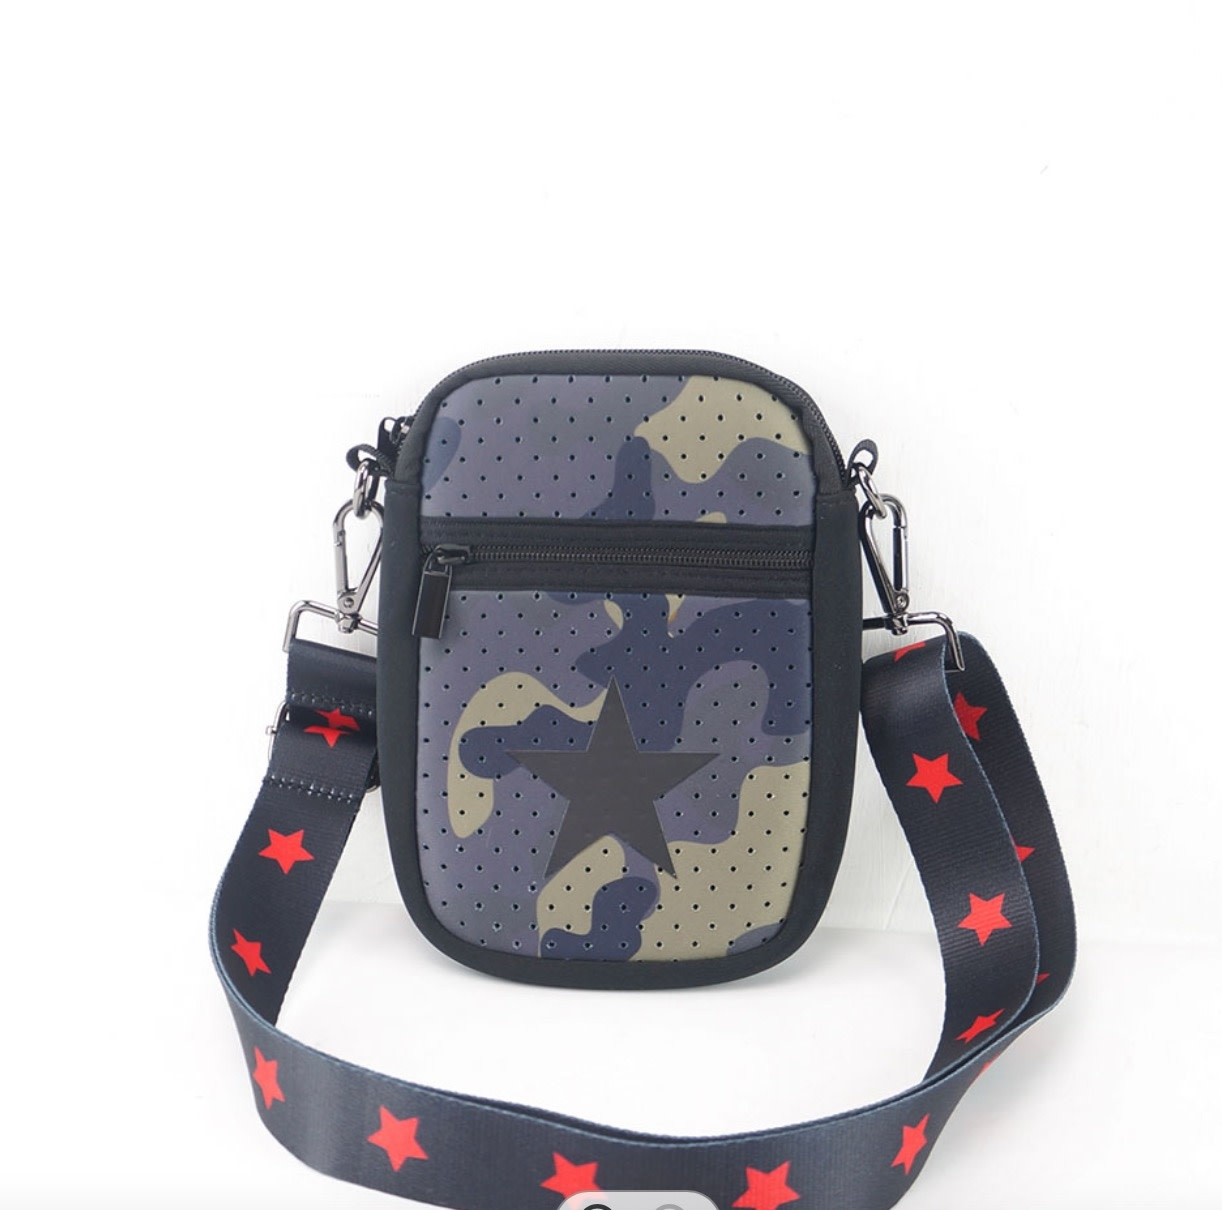 Neoprene Cell Phone Bags